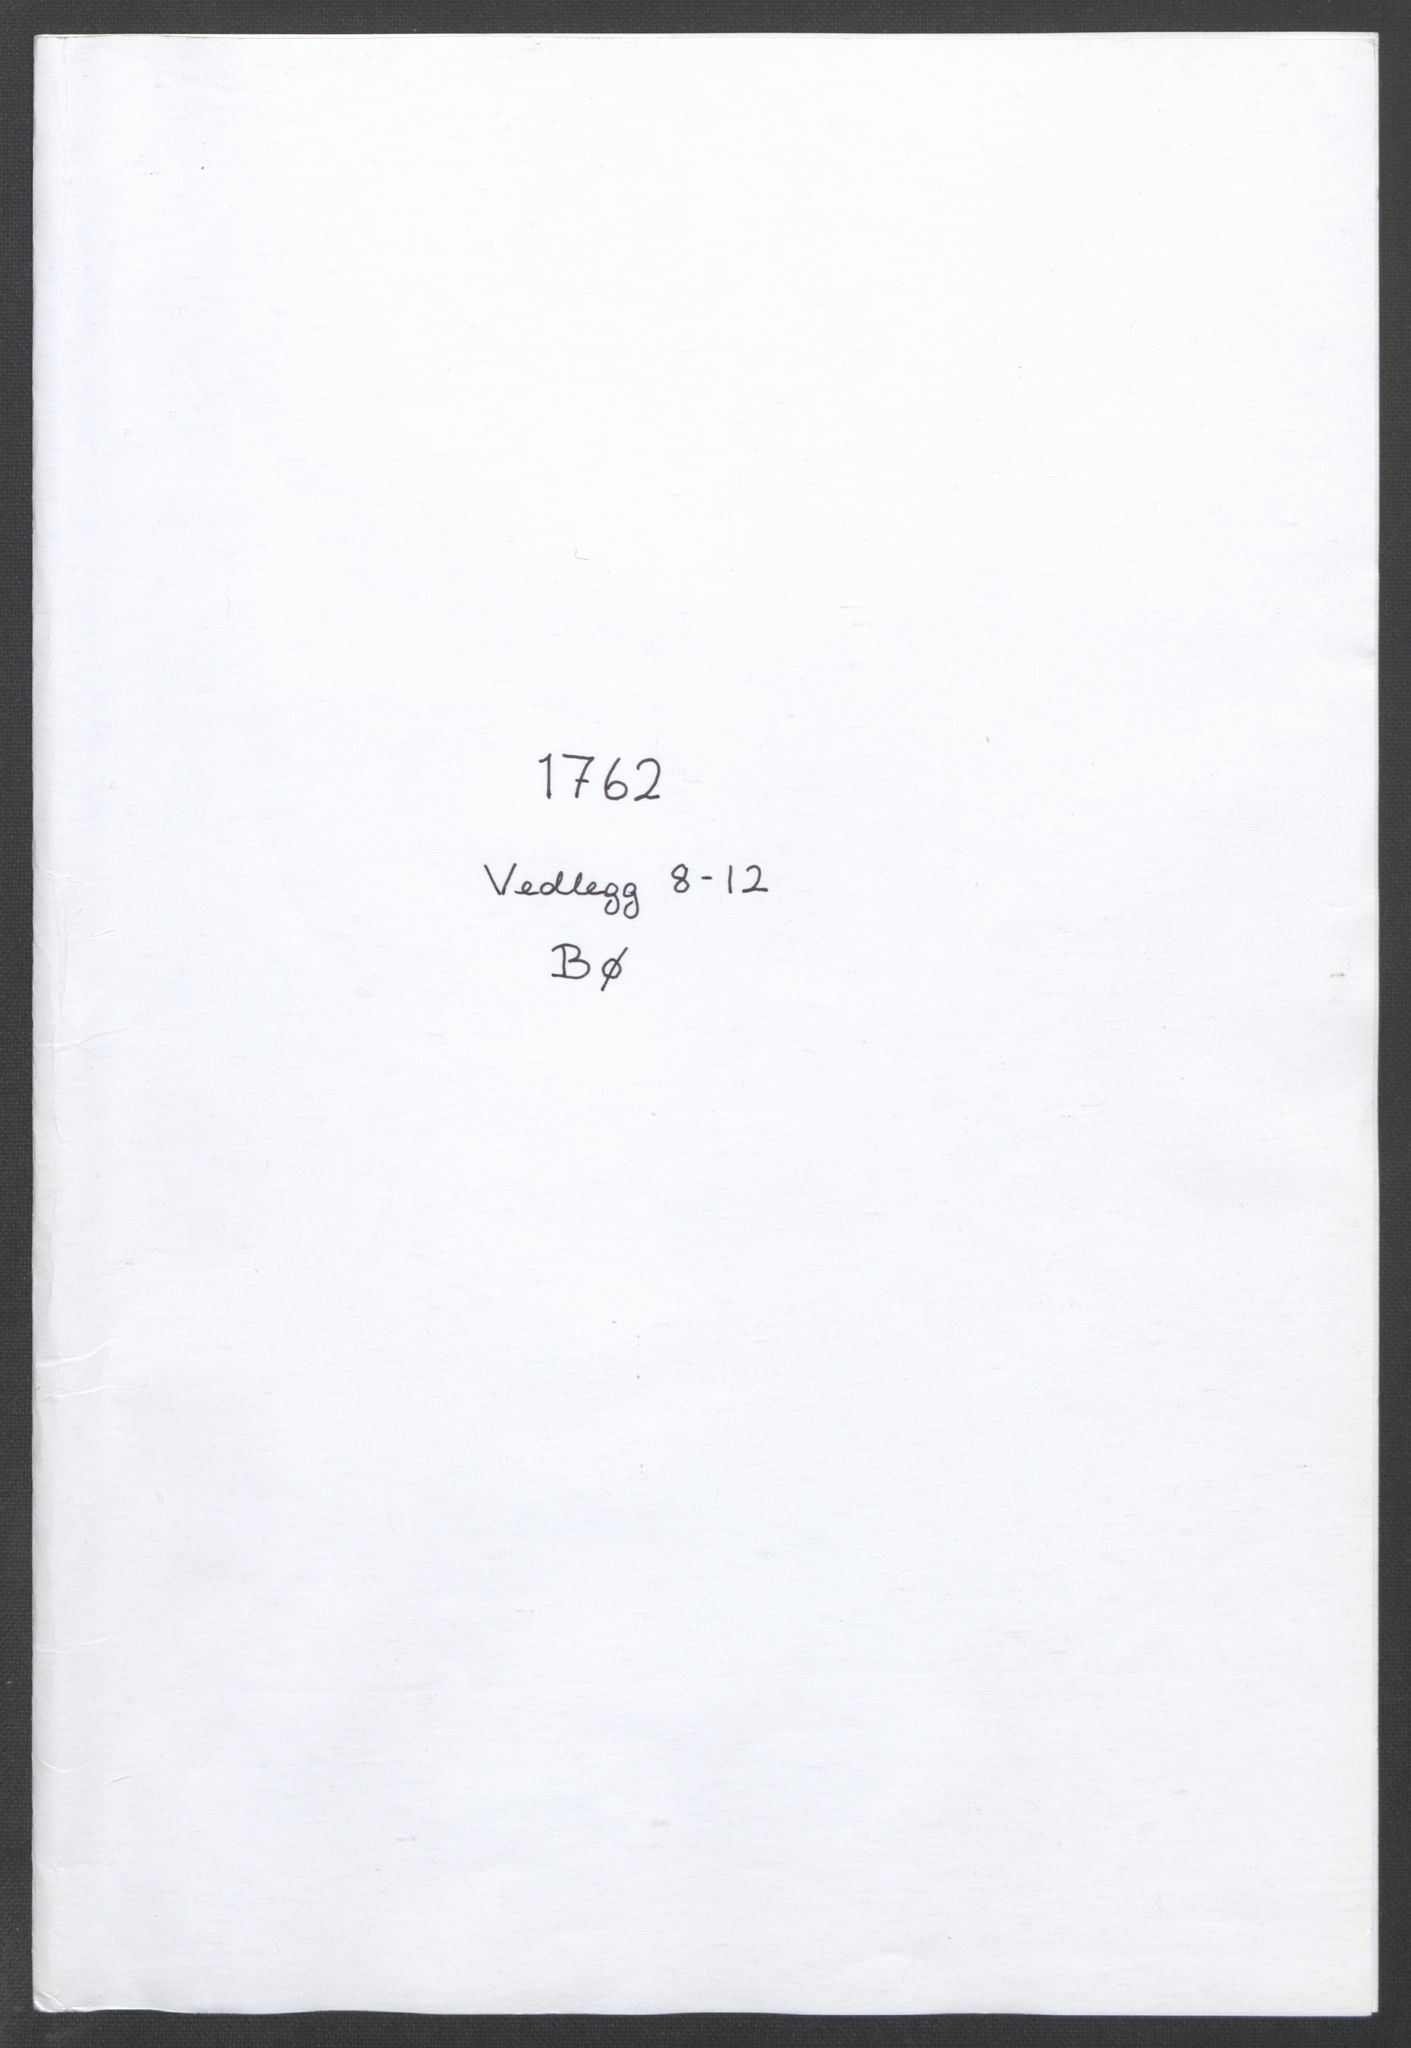 RA, Rentekammeret inntil 1814, Reviderte regnskaper, Fogderegnskap, R37/L2239: Ekstraskatten Nedre Telemark og Bamble, 1762-1763, s. 81